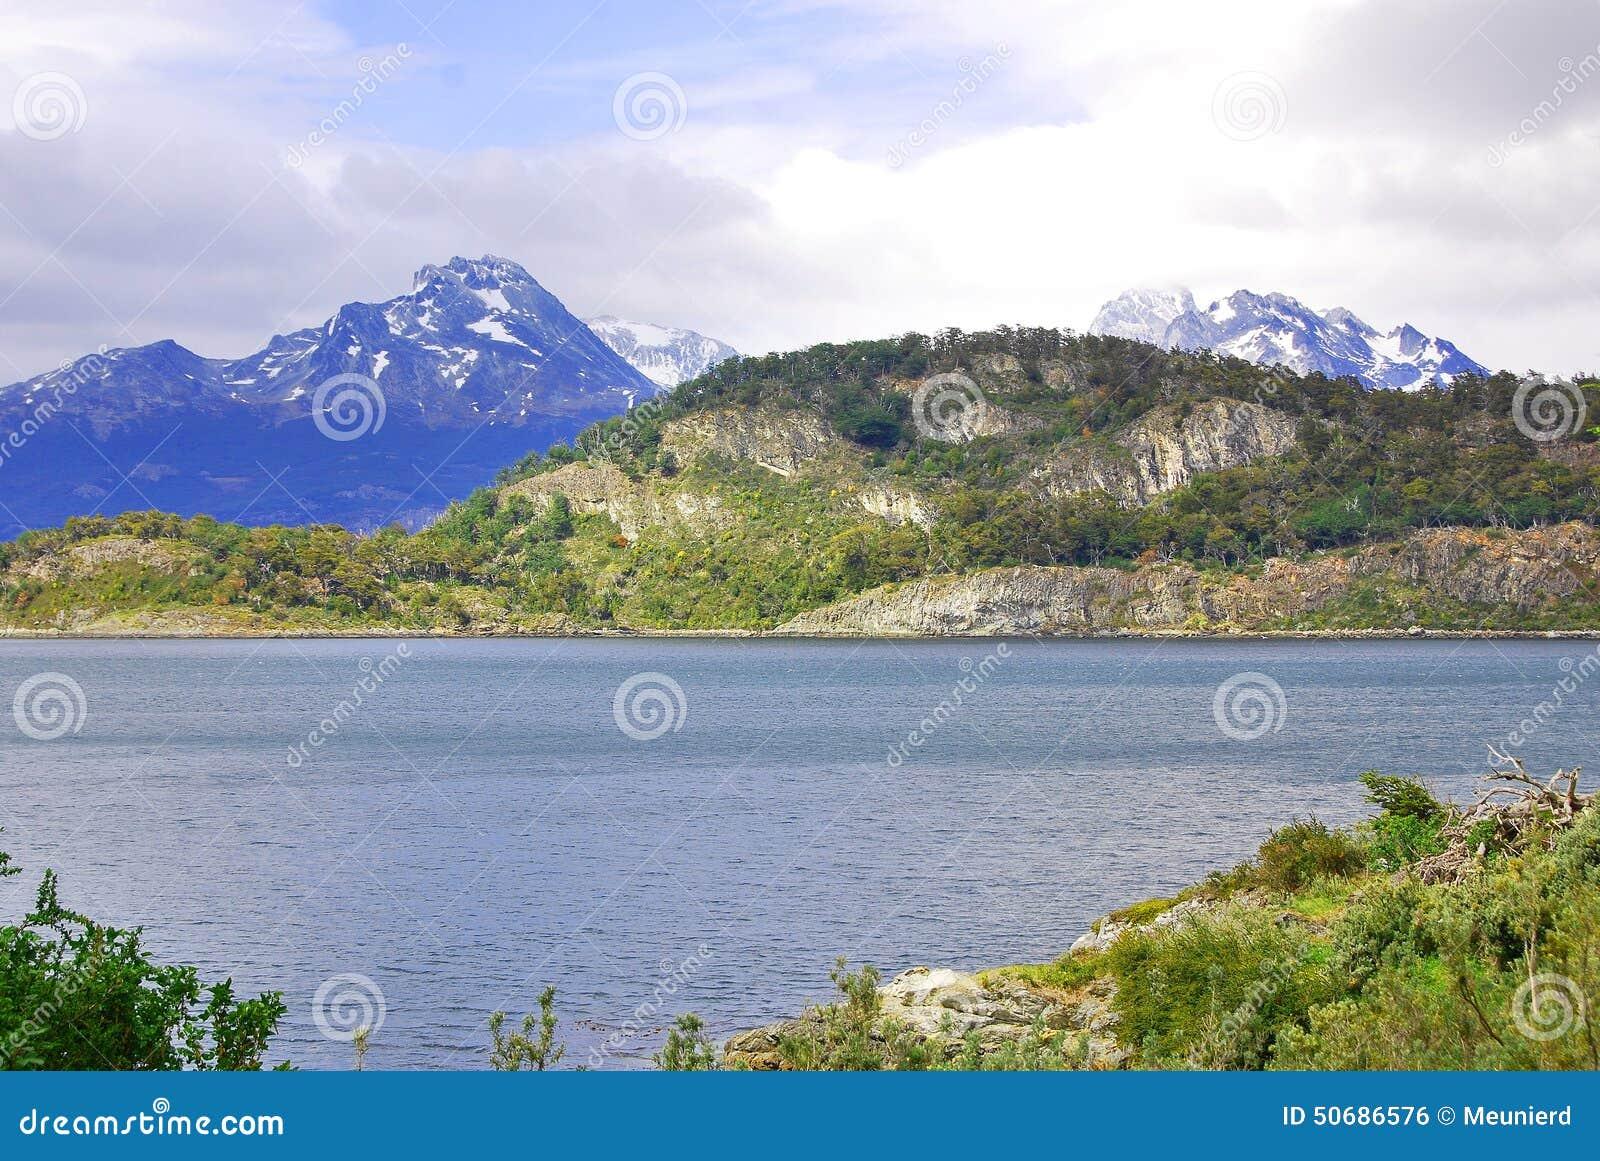 Download Del fuego国家公园tierra 库存照片. 图片 包括有 地产, 飞翅, 额嘴, 阿根廷, 海岛 - 50686576